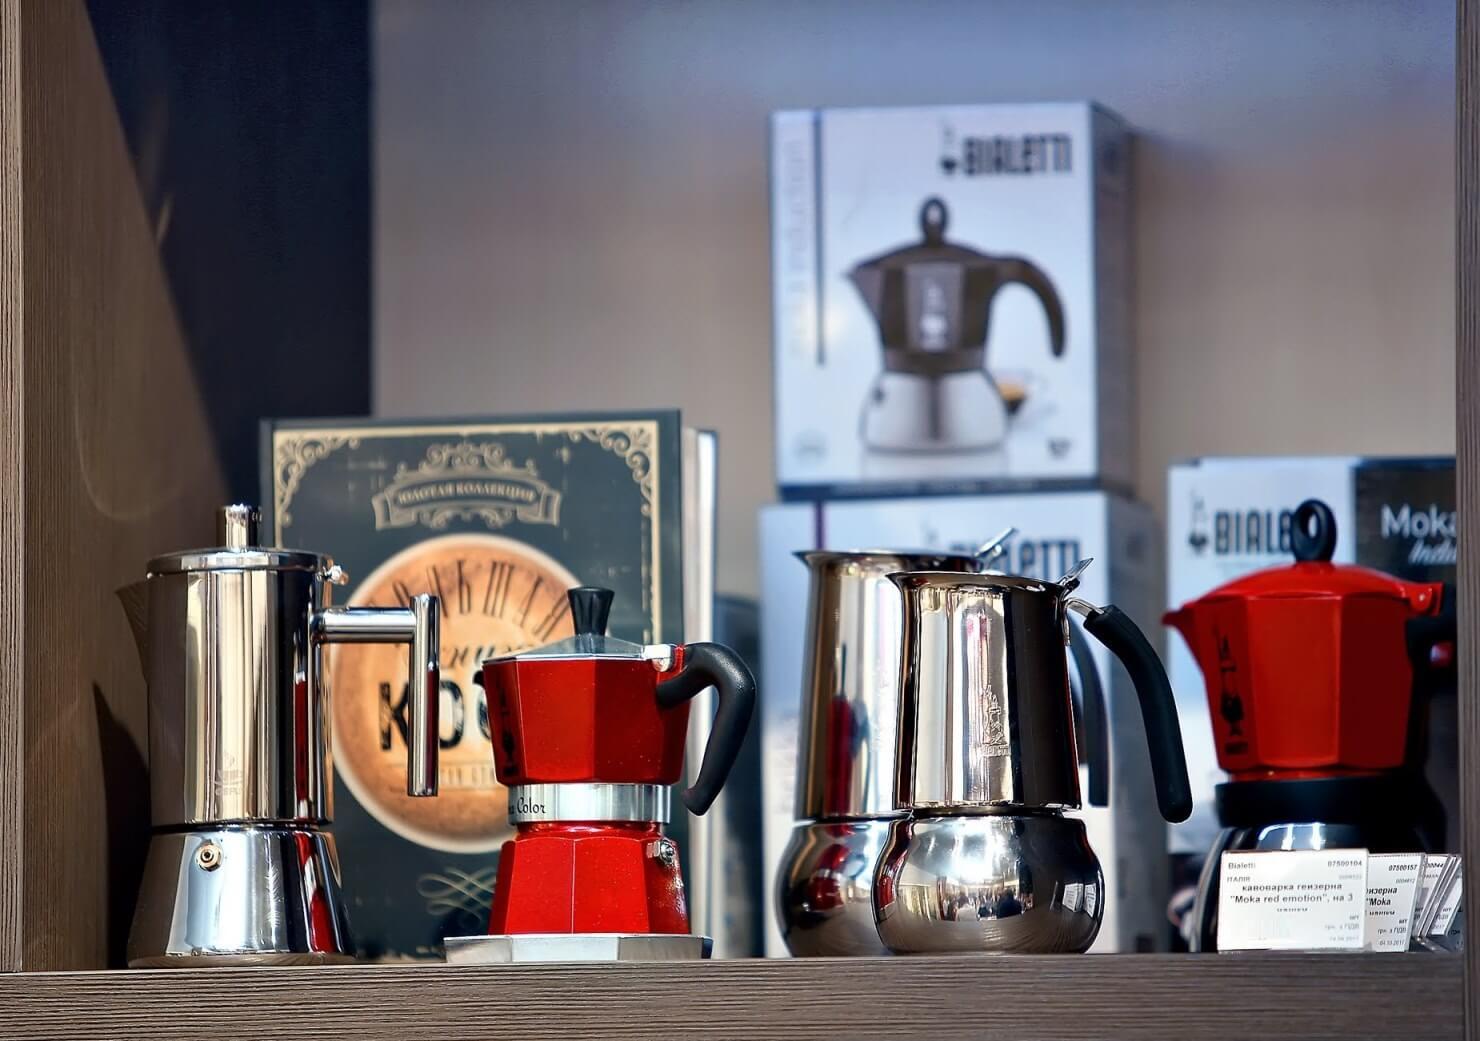 """Кофеварка гейзерная индукционная """"Kitty"""" на 6 чашек Bialetti KITTY, серебристый Bialetti 0004883IN фото 2"""